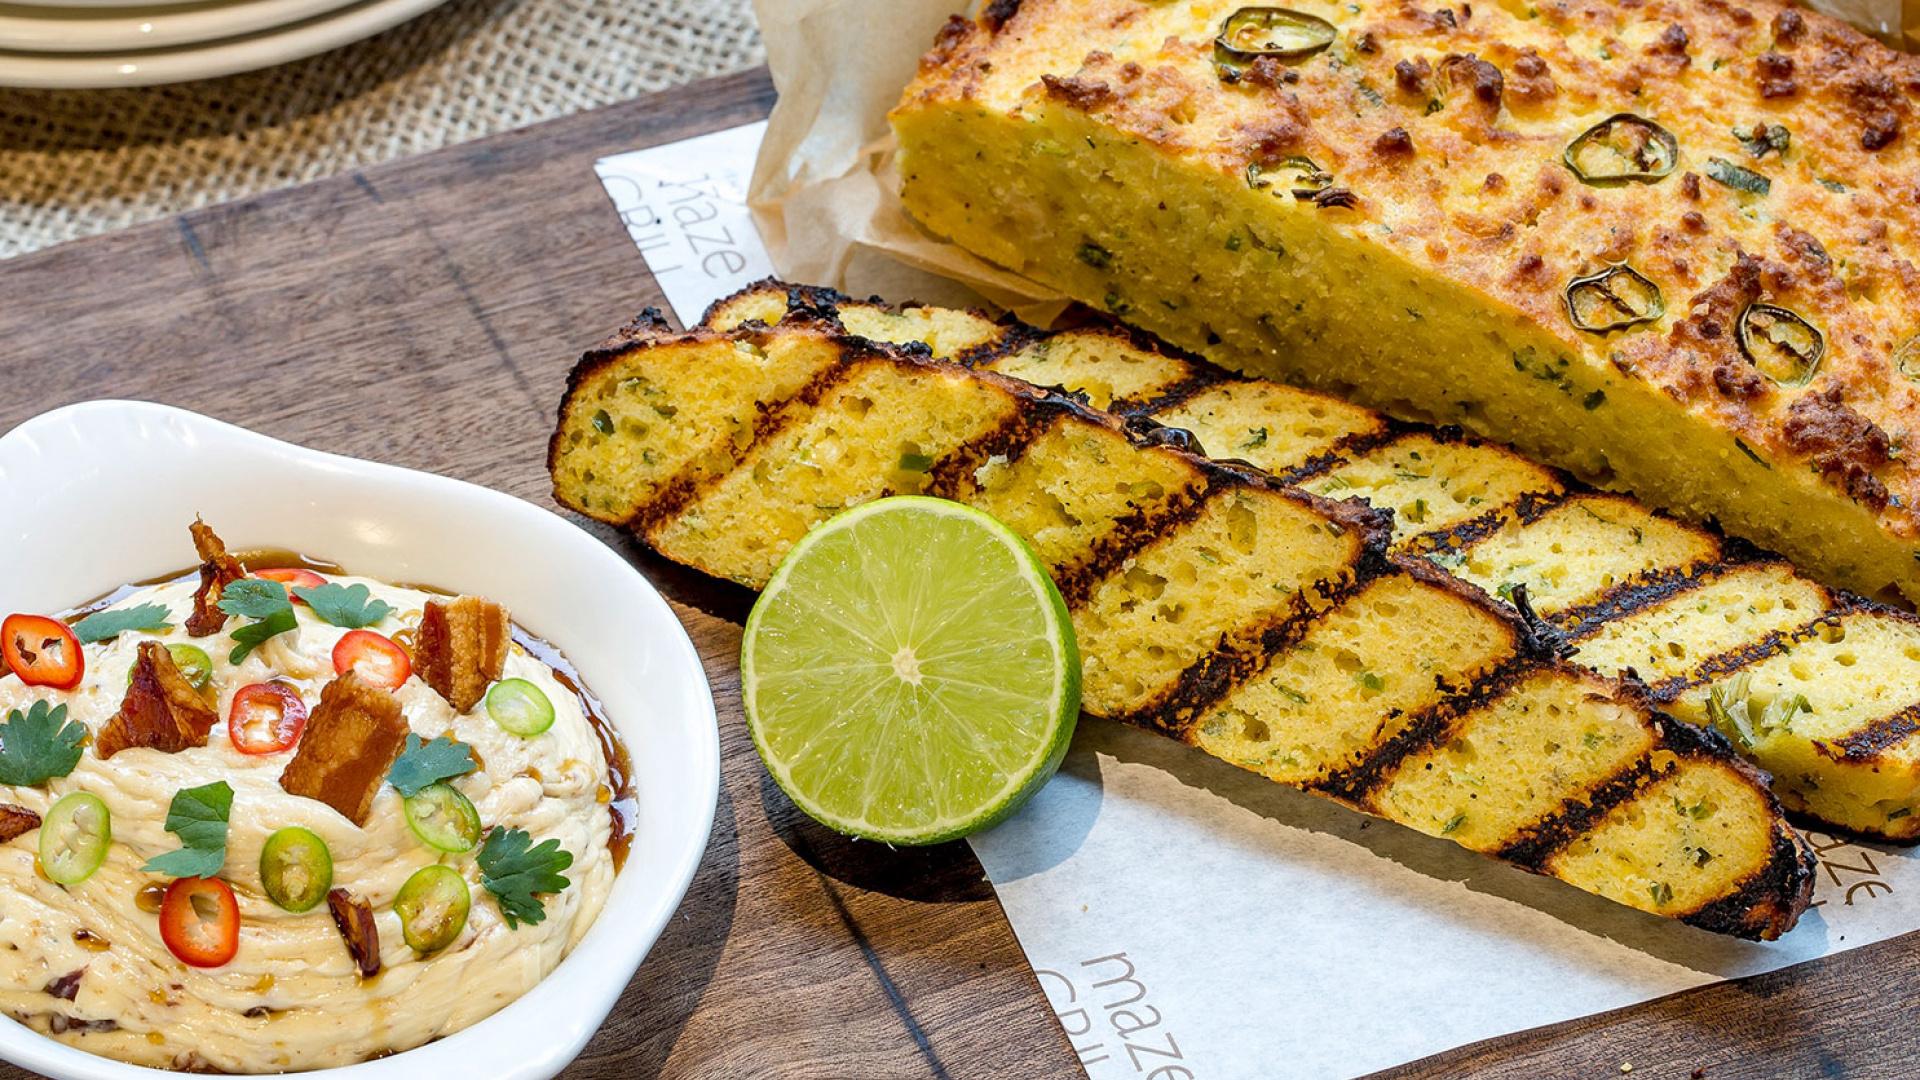 Cornbread and maple butter